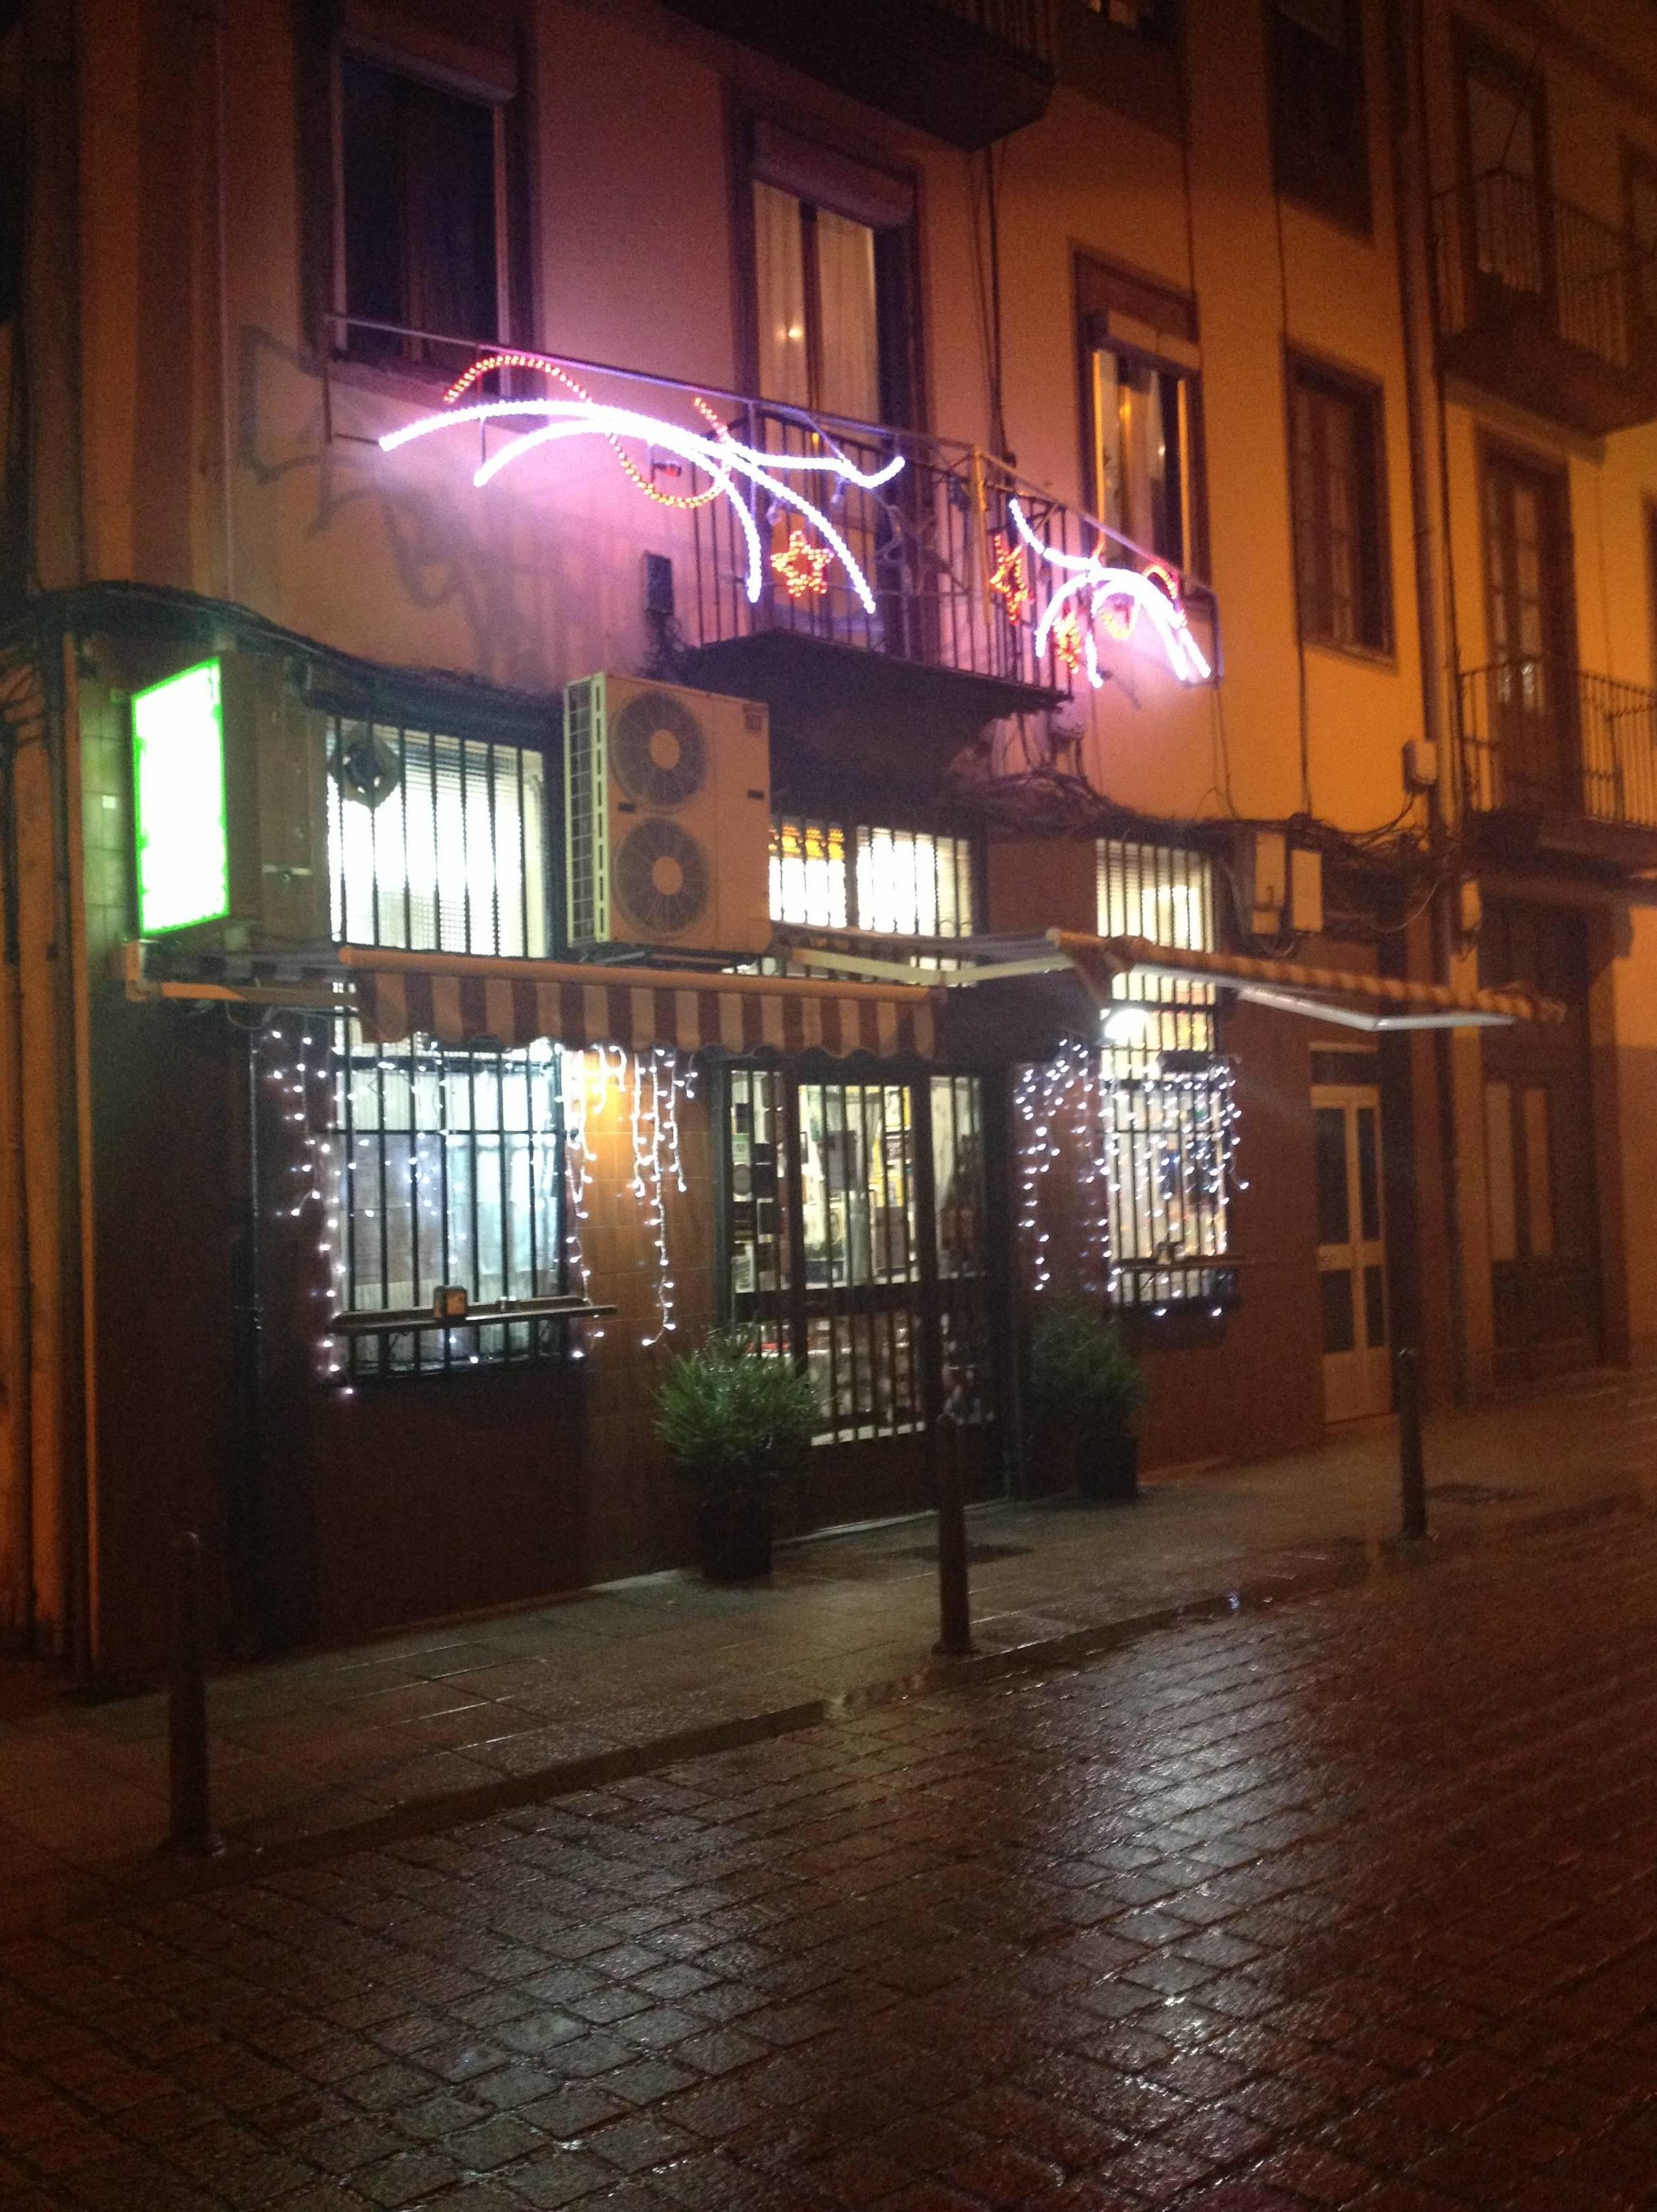 Foto 16 de Cocina marinera en Santander | Marucho